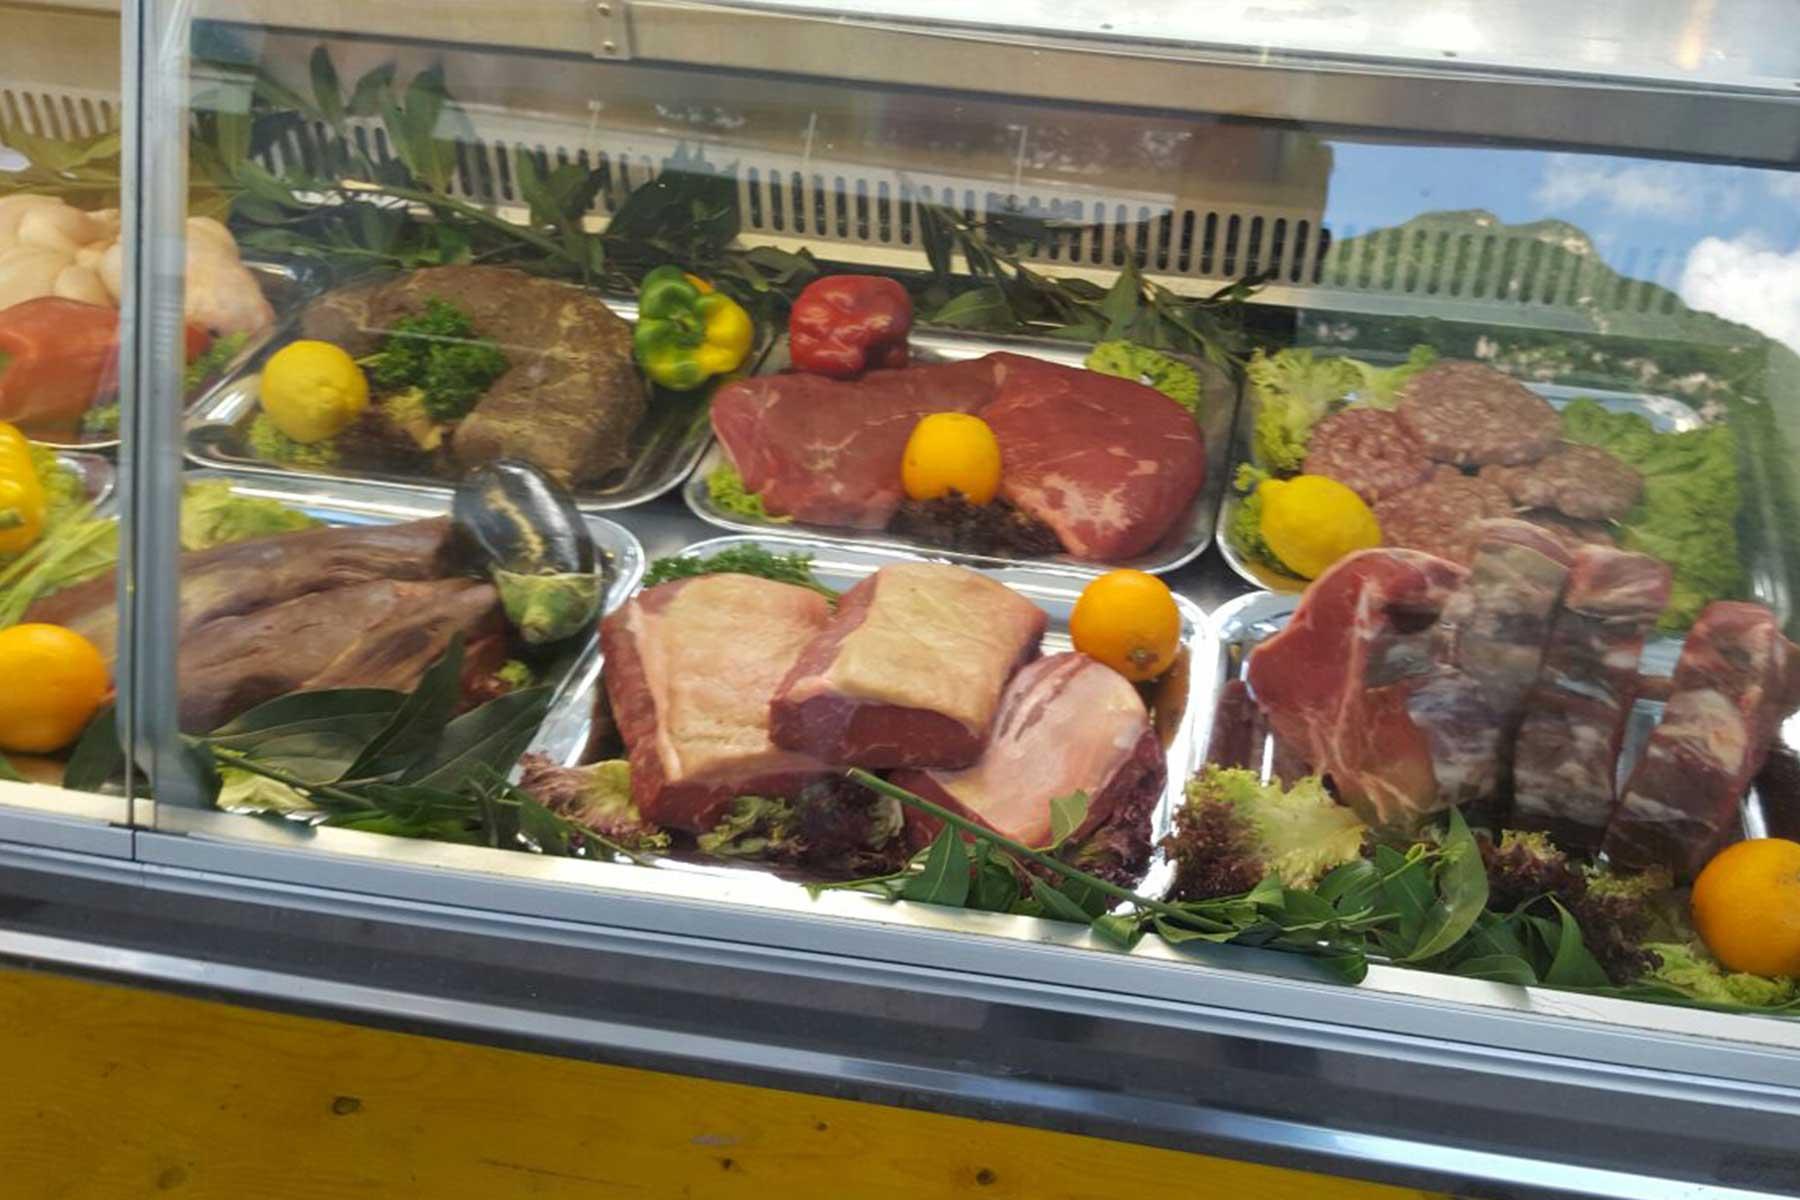 vasta scelta di carne alla griglia canton ticino riva san vitale